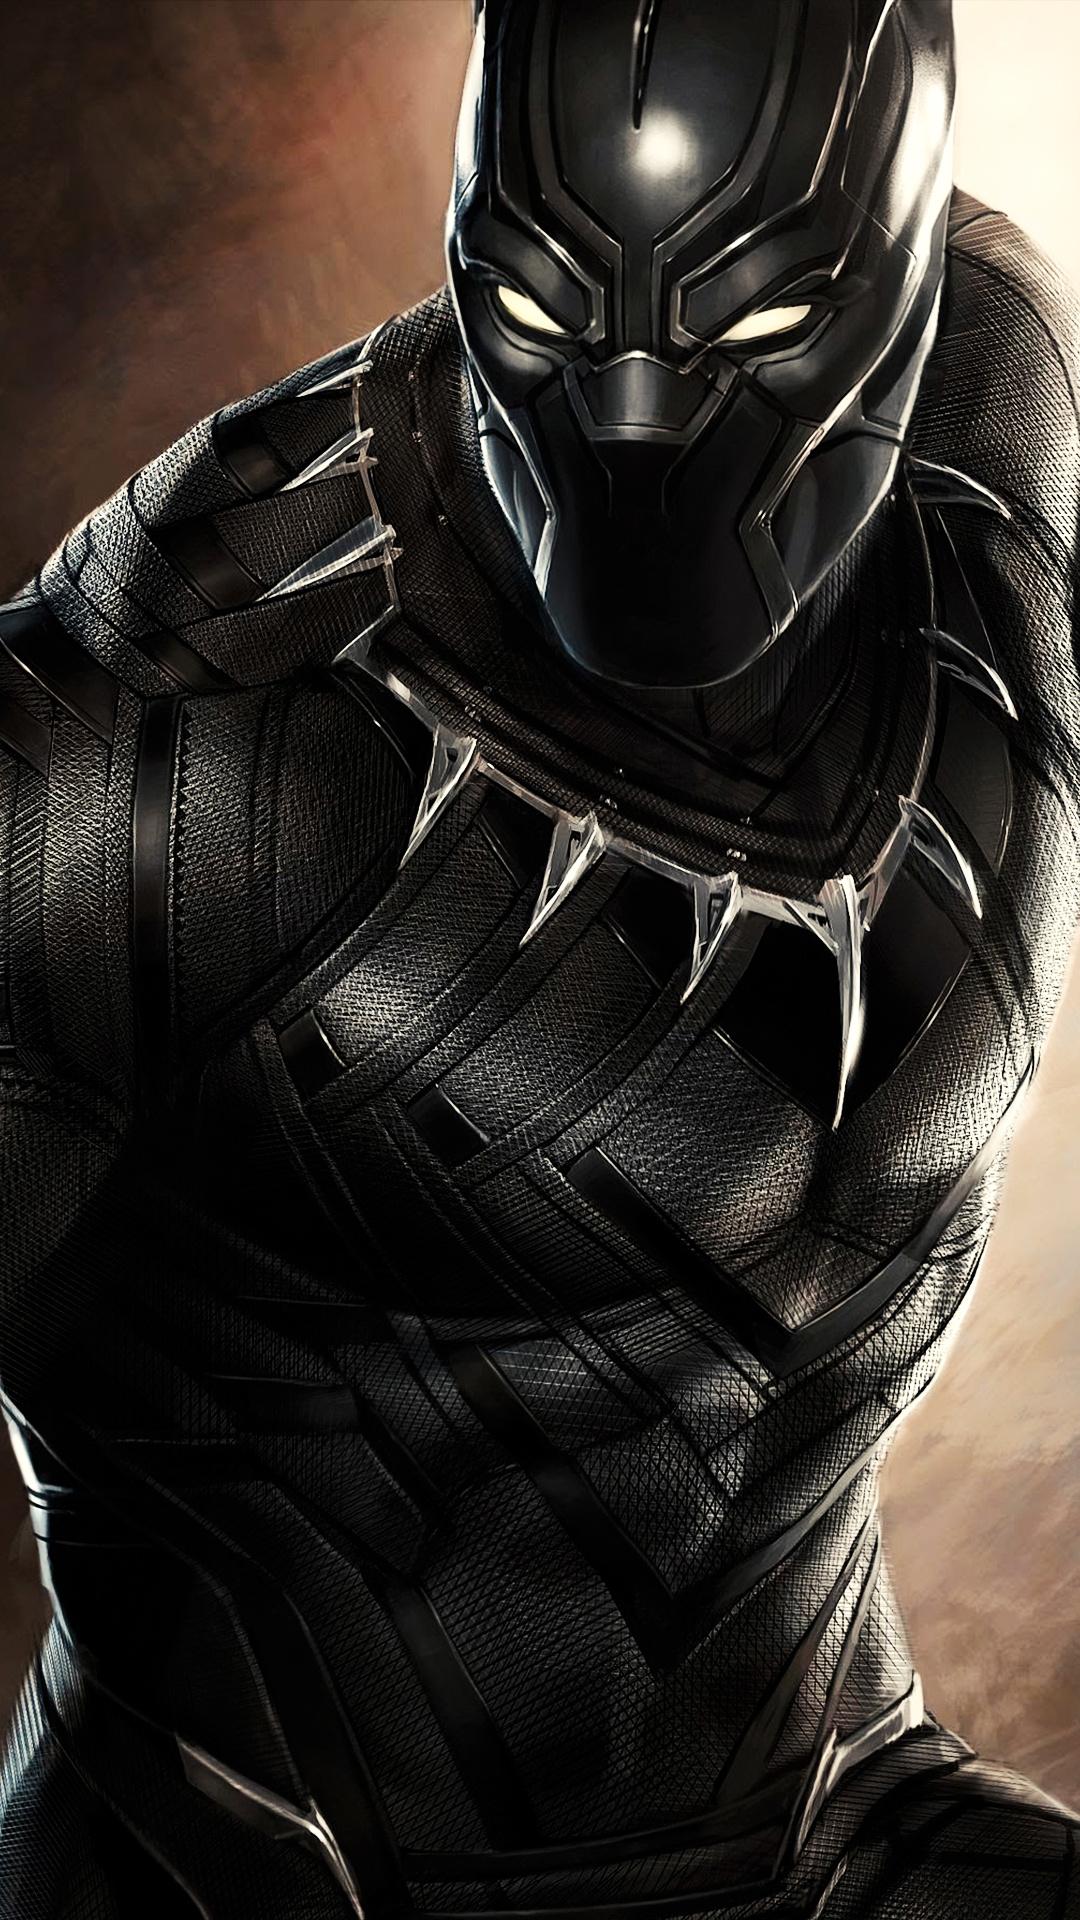 iPhone wallpaper black panther2 Black Panther